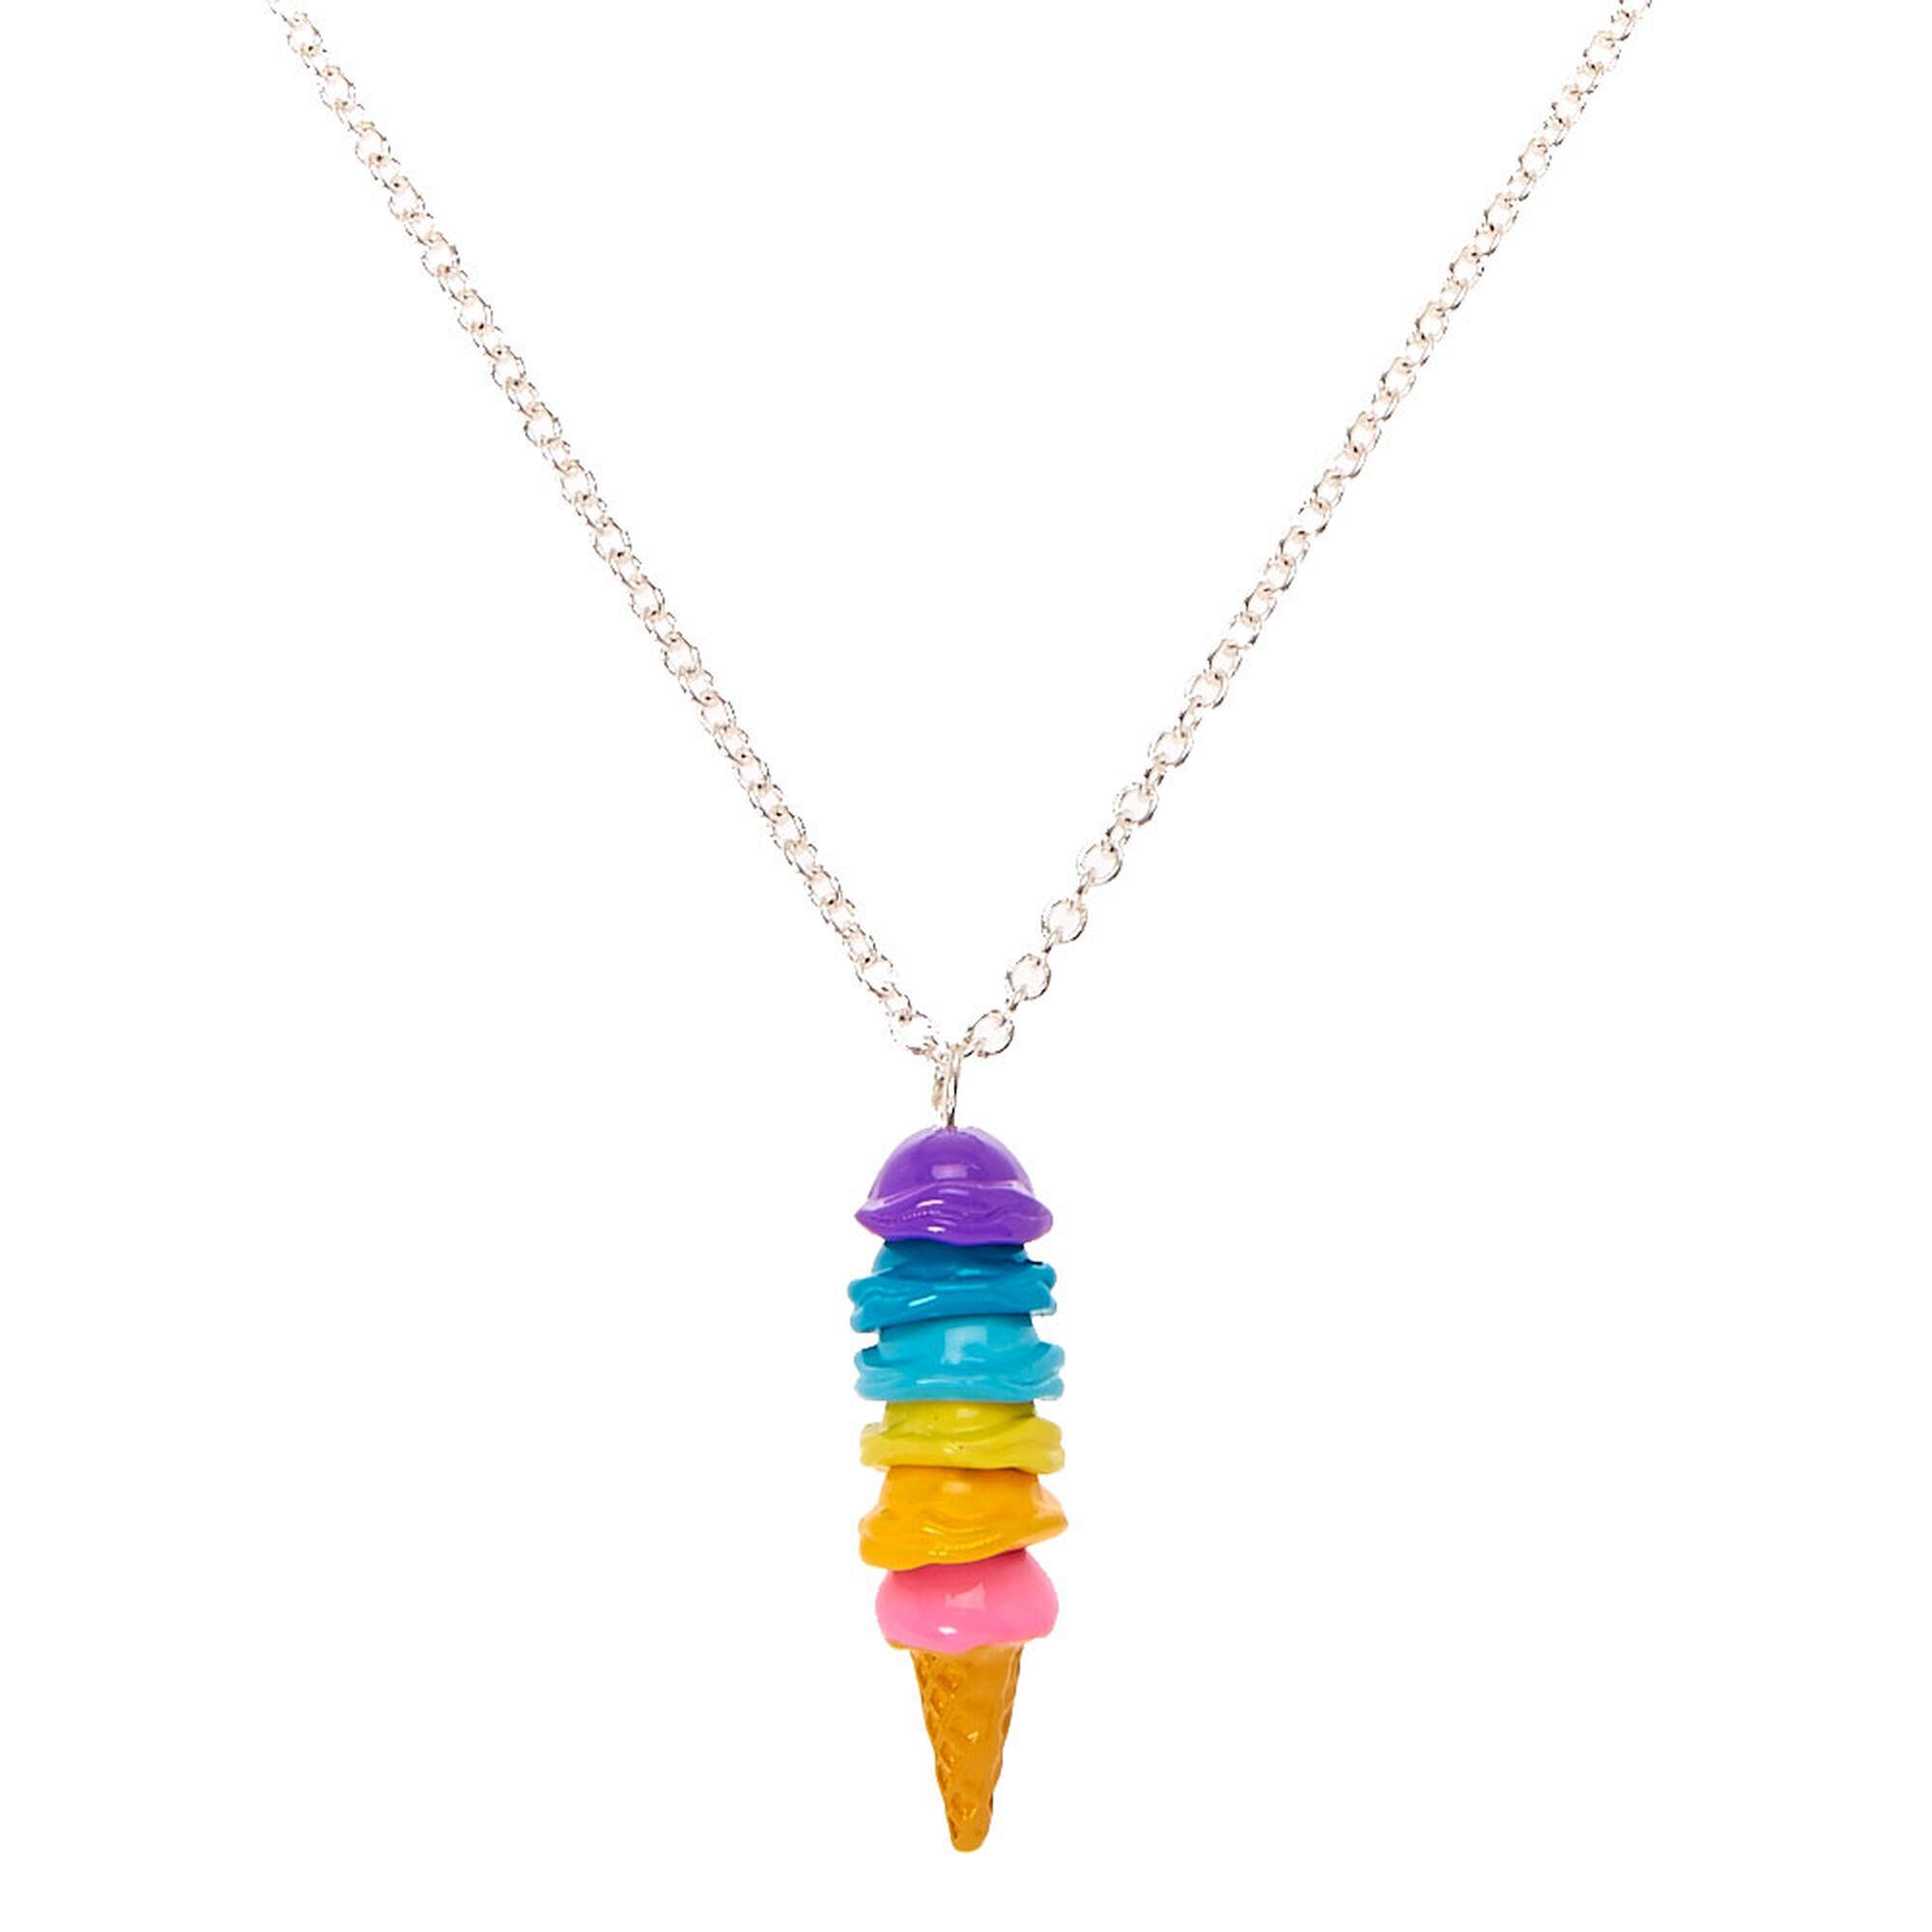 Rainbow Ice Cream Cone Pendant Necklace